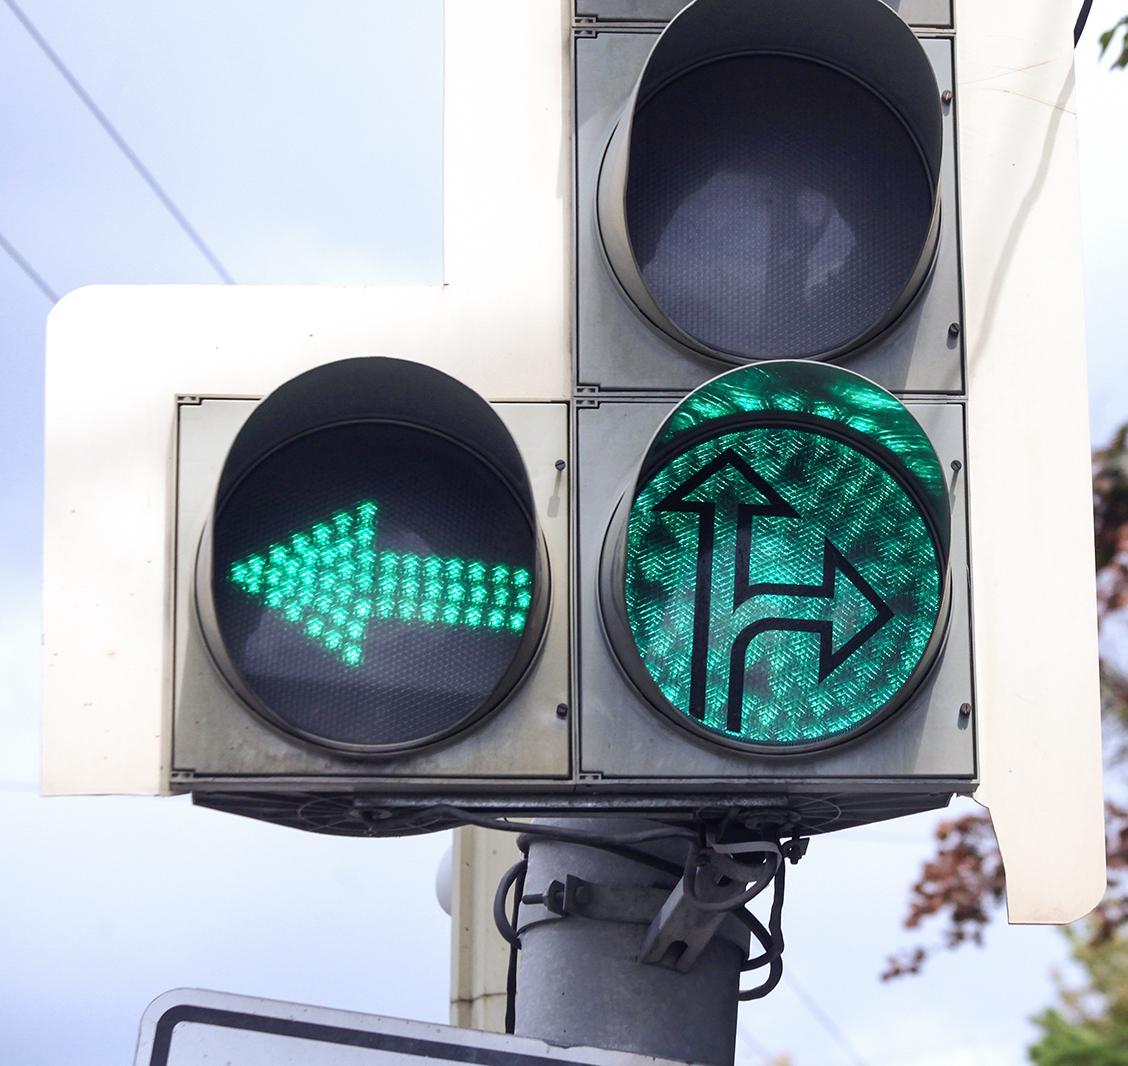 Светофор на проспекте Победы в Твери оборудуют секцией для поворота налево - новости Афанасий